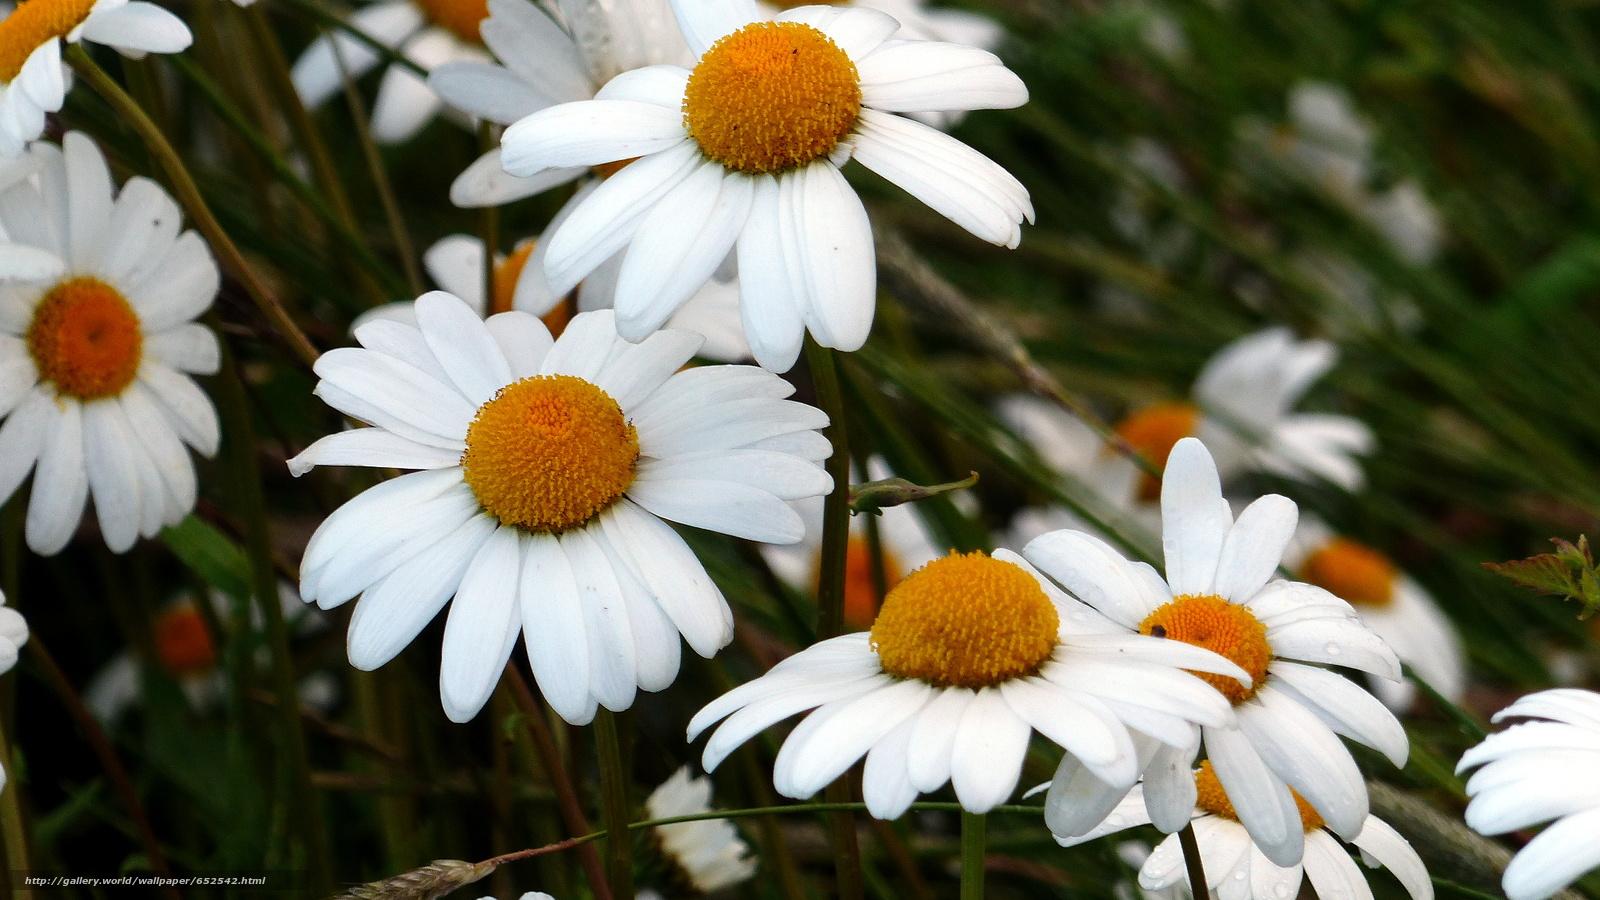 Скачать обои поле,  ромашки,  цветы,  флора бесплатно для рабочего стола в разрешении 2048x1152 — картинка №652542